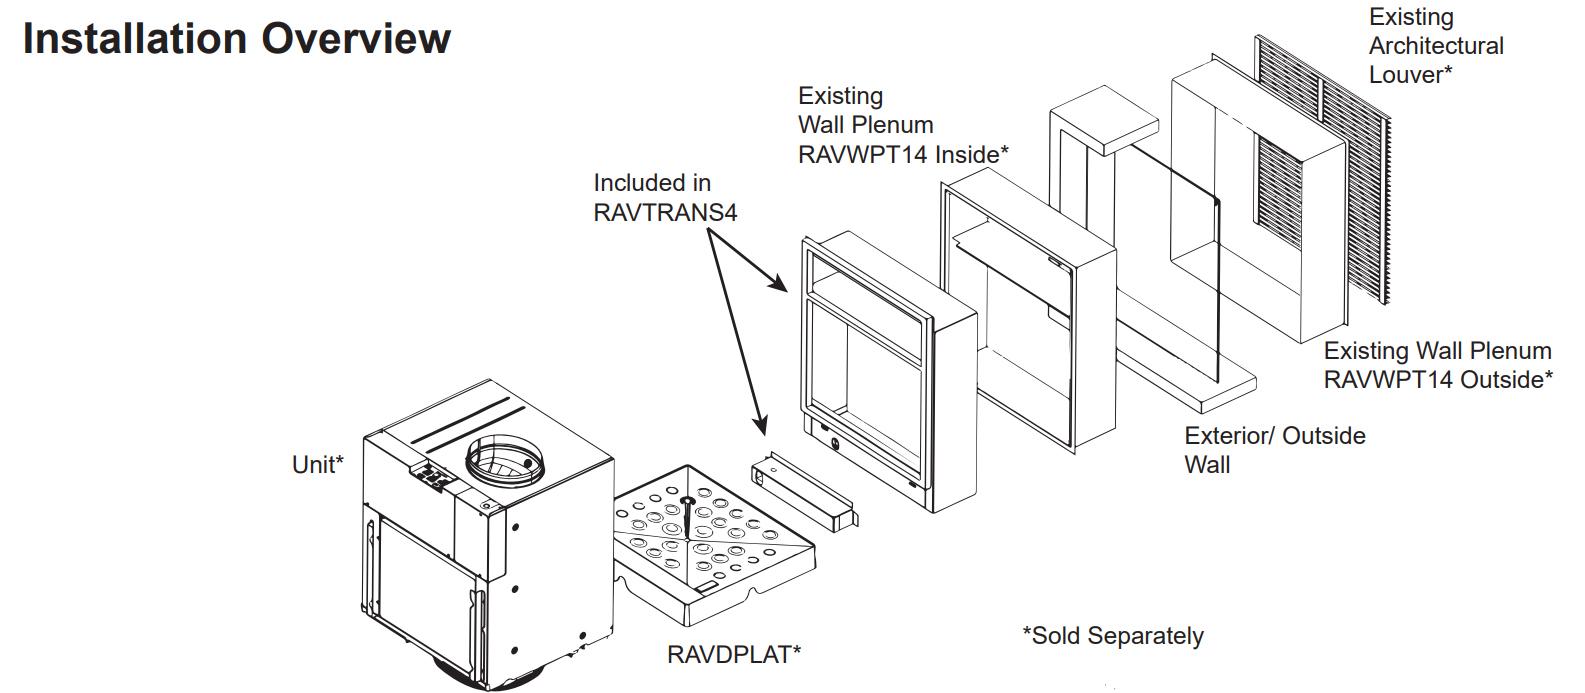 RAVTRANS4 Install diagram